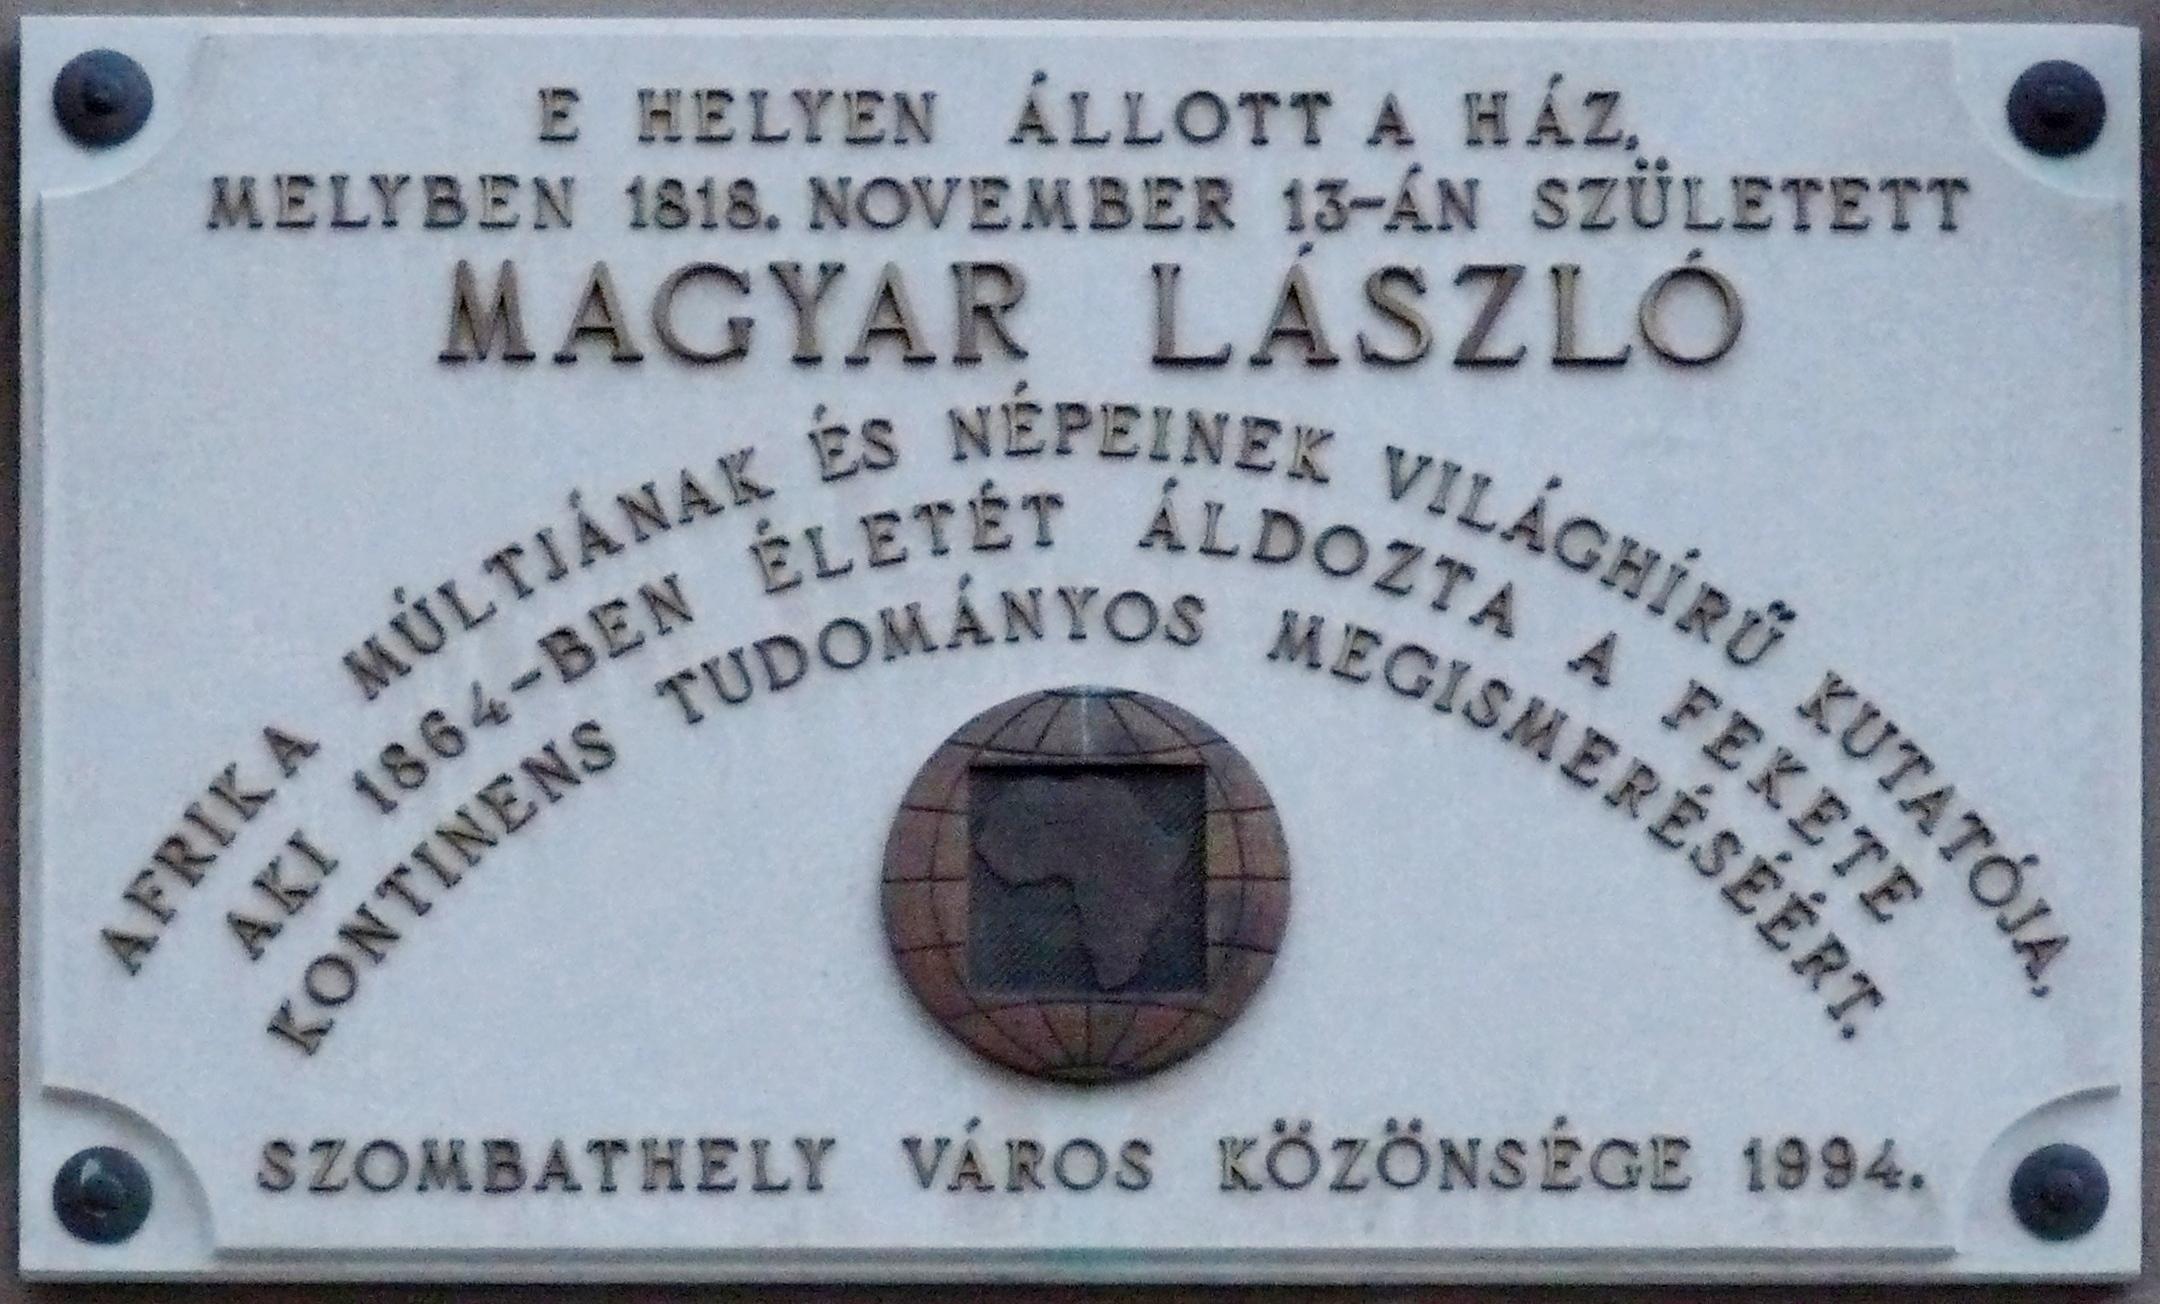 Magyar_László_plaque_Szombathely_Kossuth_Lajos29